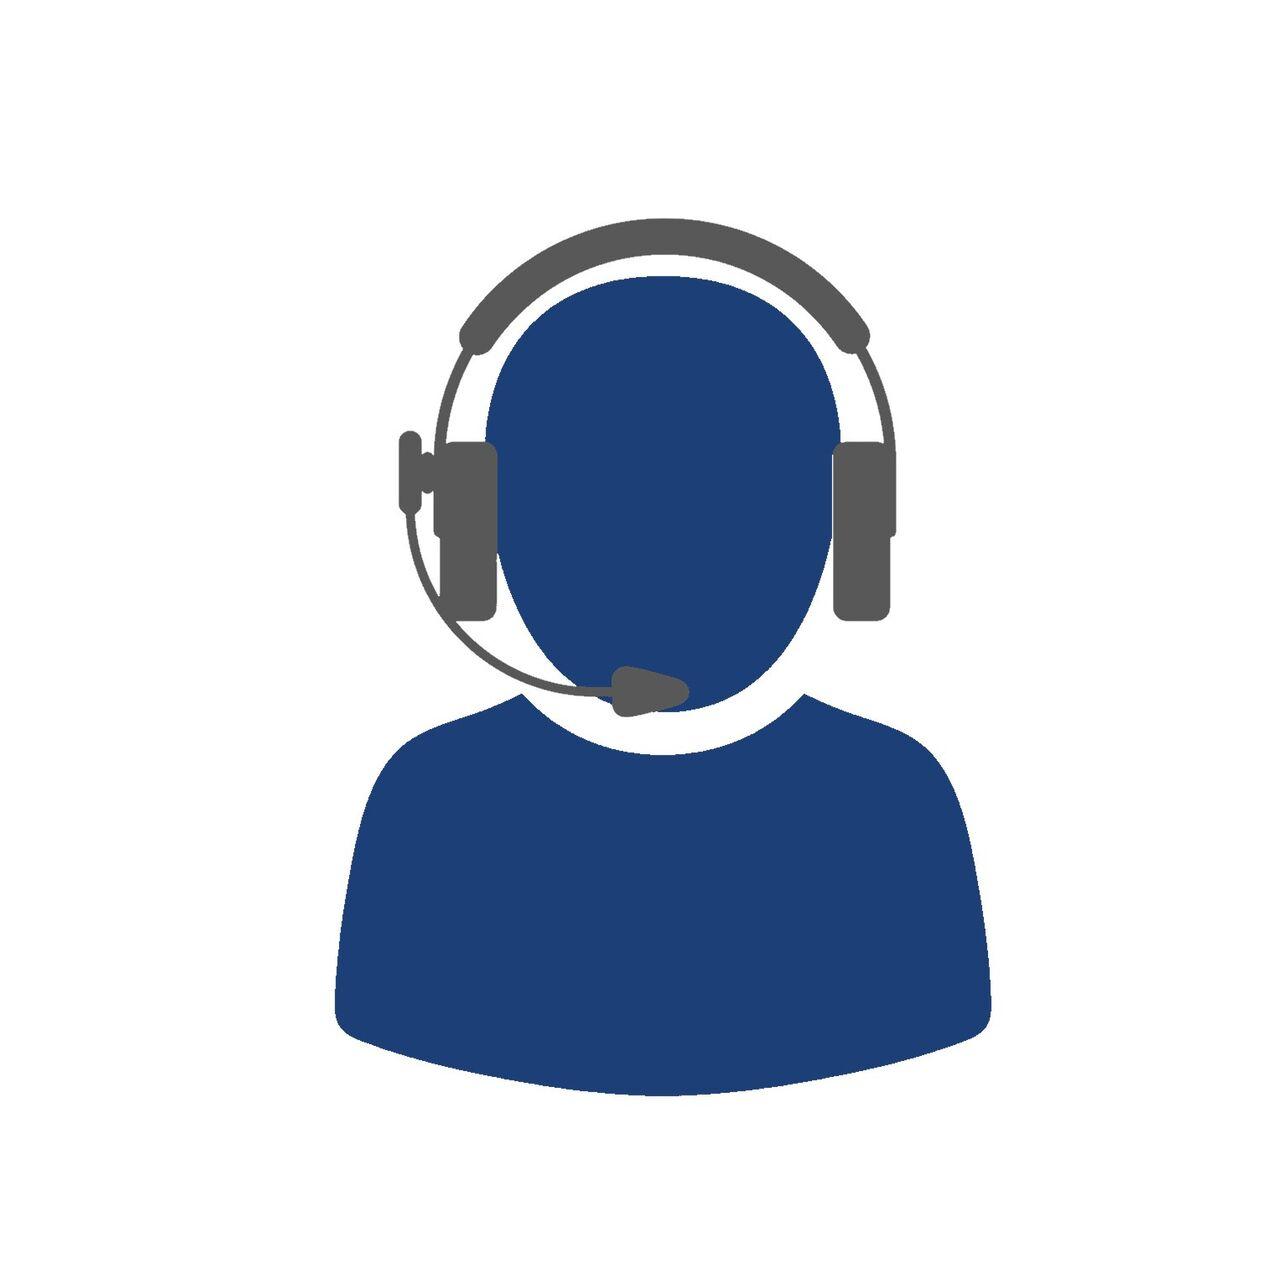 Schritt 3:   In einem persönlichen Telefonat mit unseren SEA-Experten besprechen wir unsere Ergebnisse und Handlungsempfehlungen mit Ihnen.